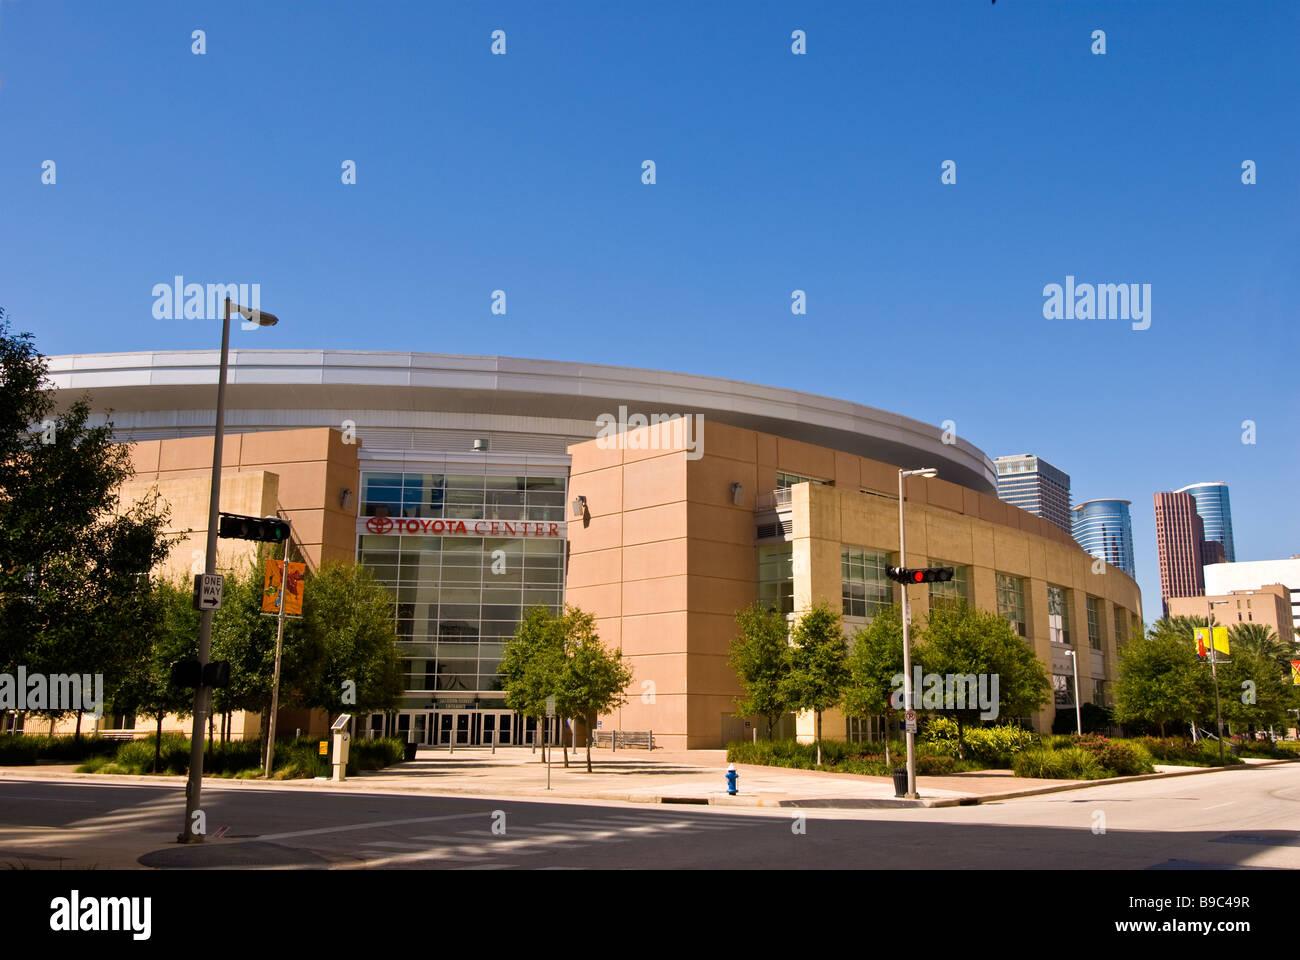 Houston Toyota Center exterior texas sports arena NBA Houston Rockets AHL Houston Aeros round building architectre - Stock Image